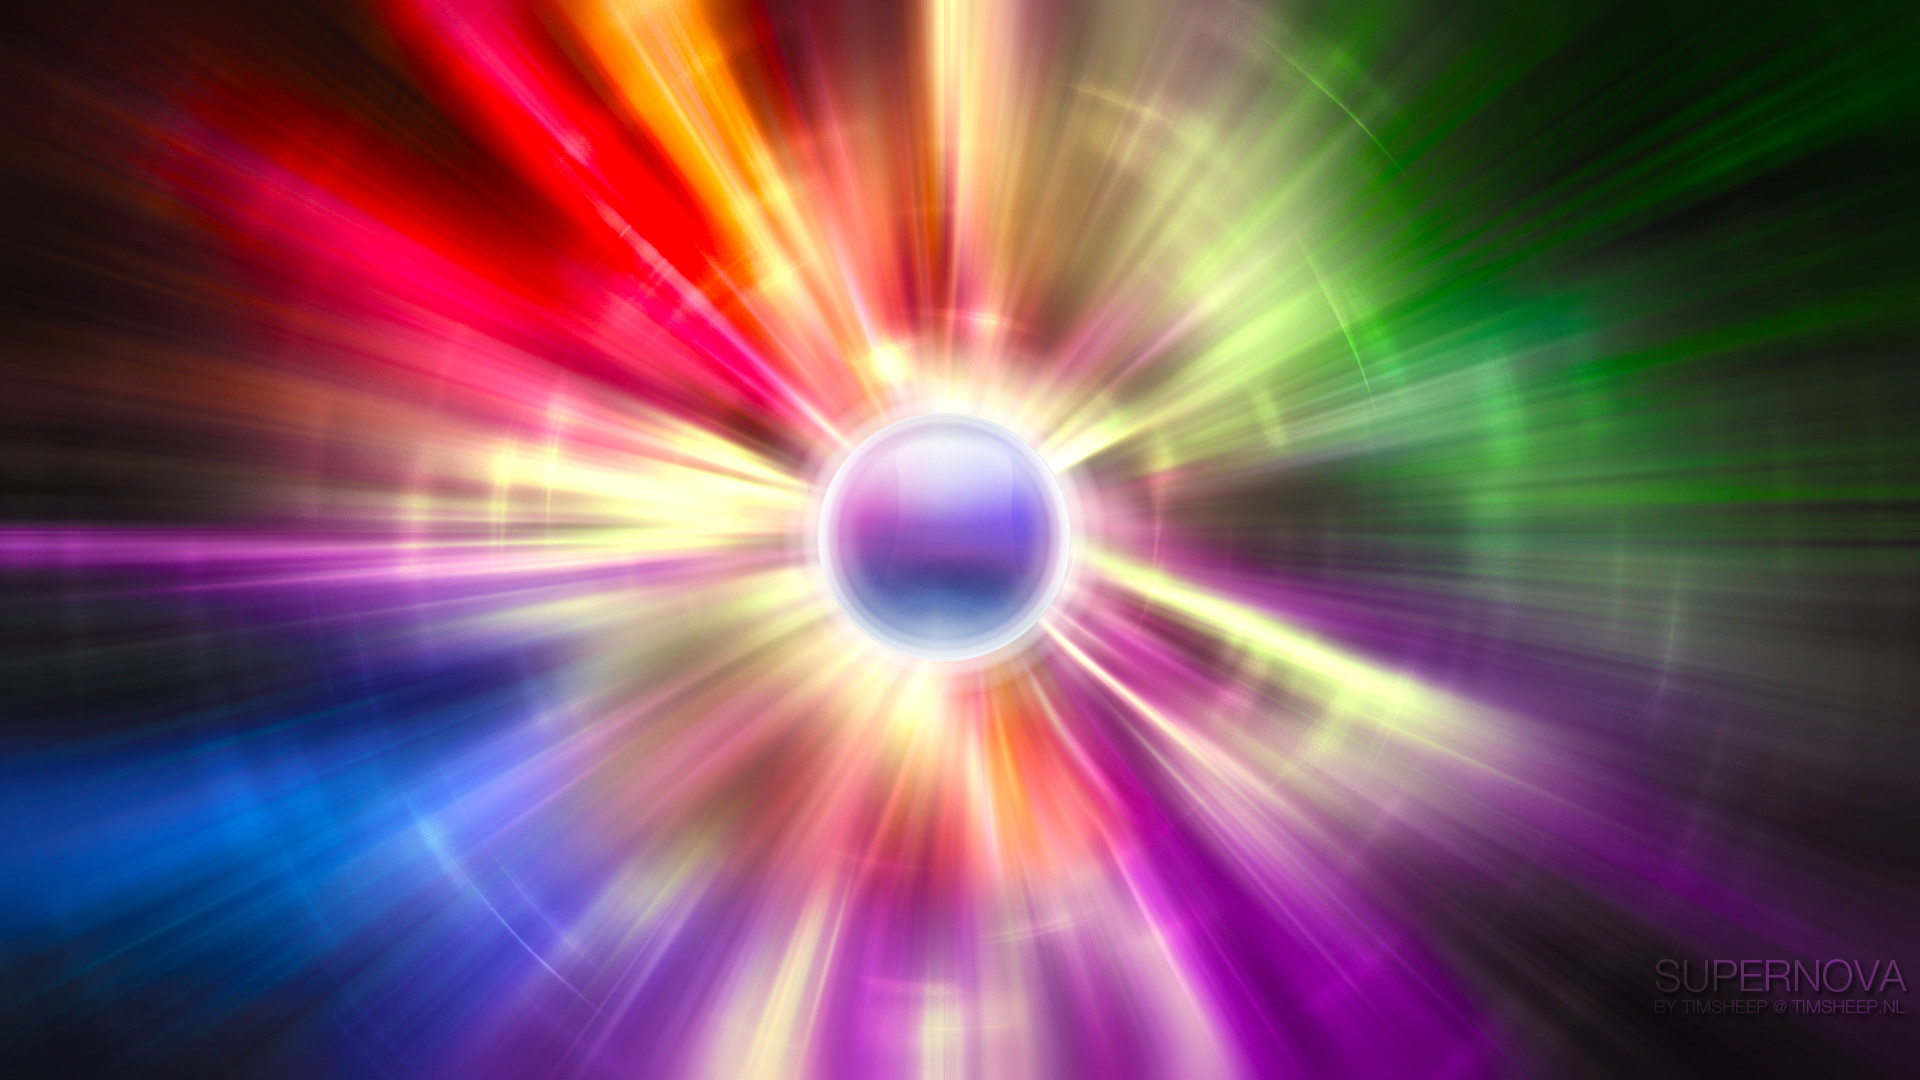 Supernova Wallpaper HD 1080p by Xerious2K8 Supernova Wallpaper HD 1080p by  Xerious2K8